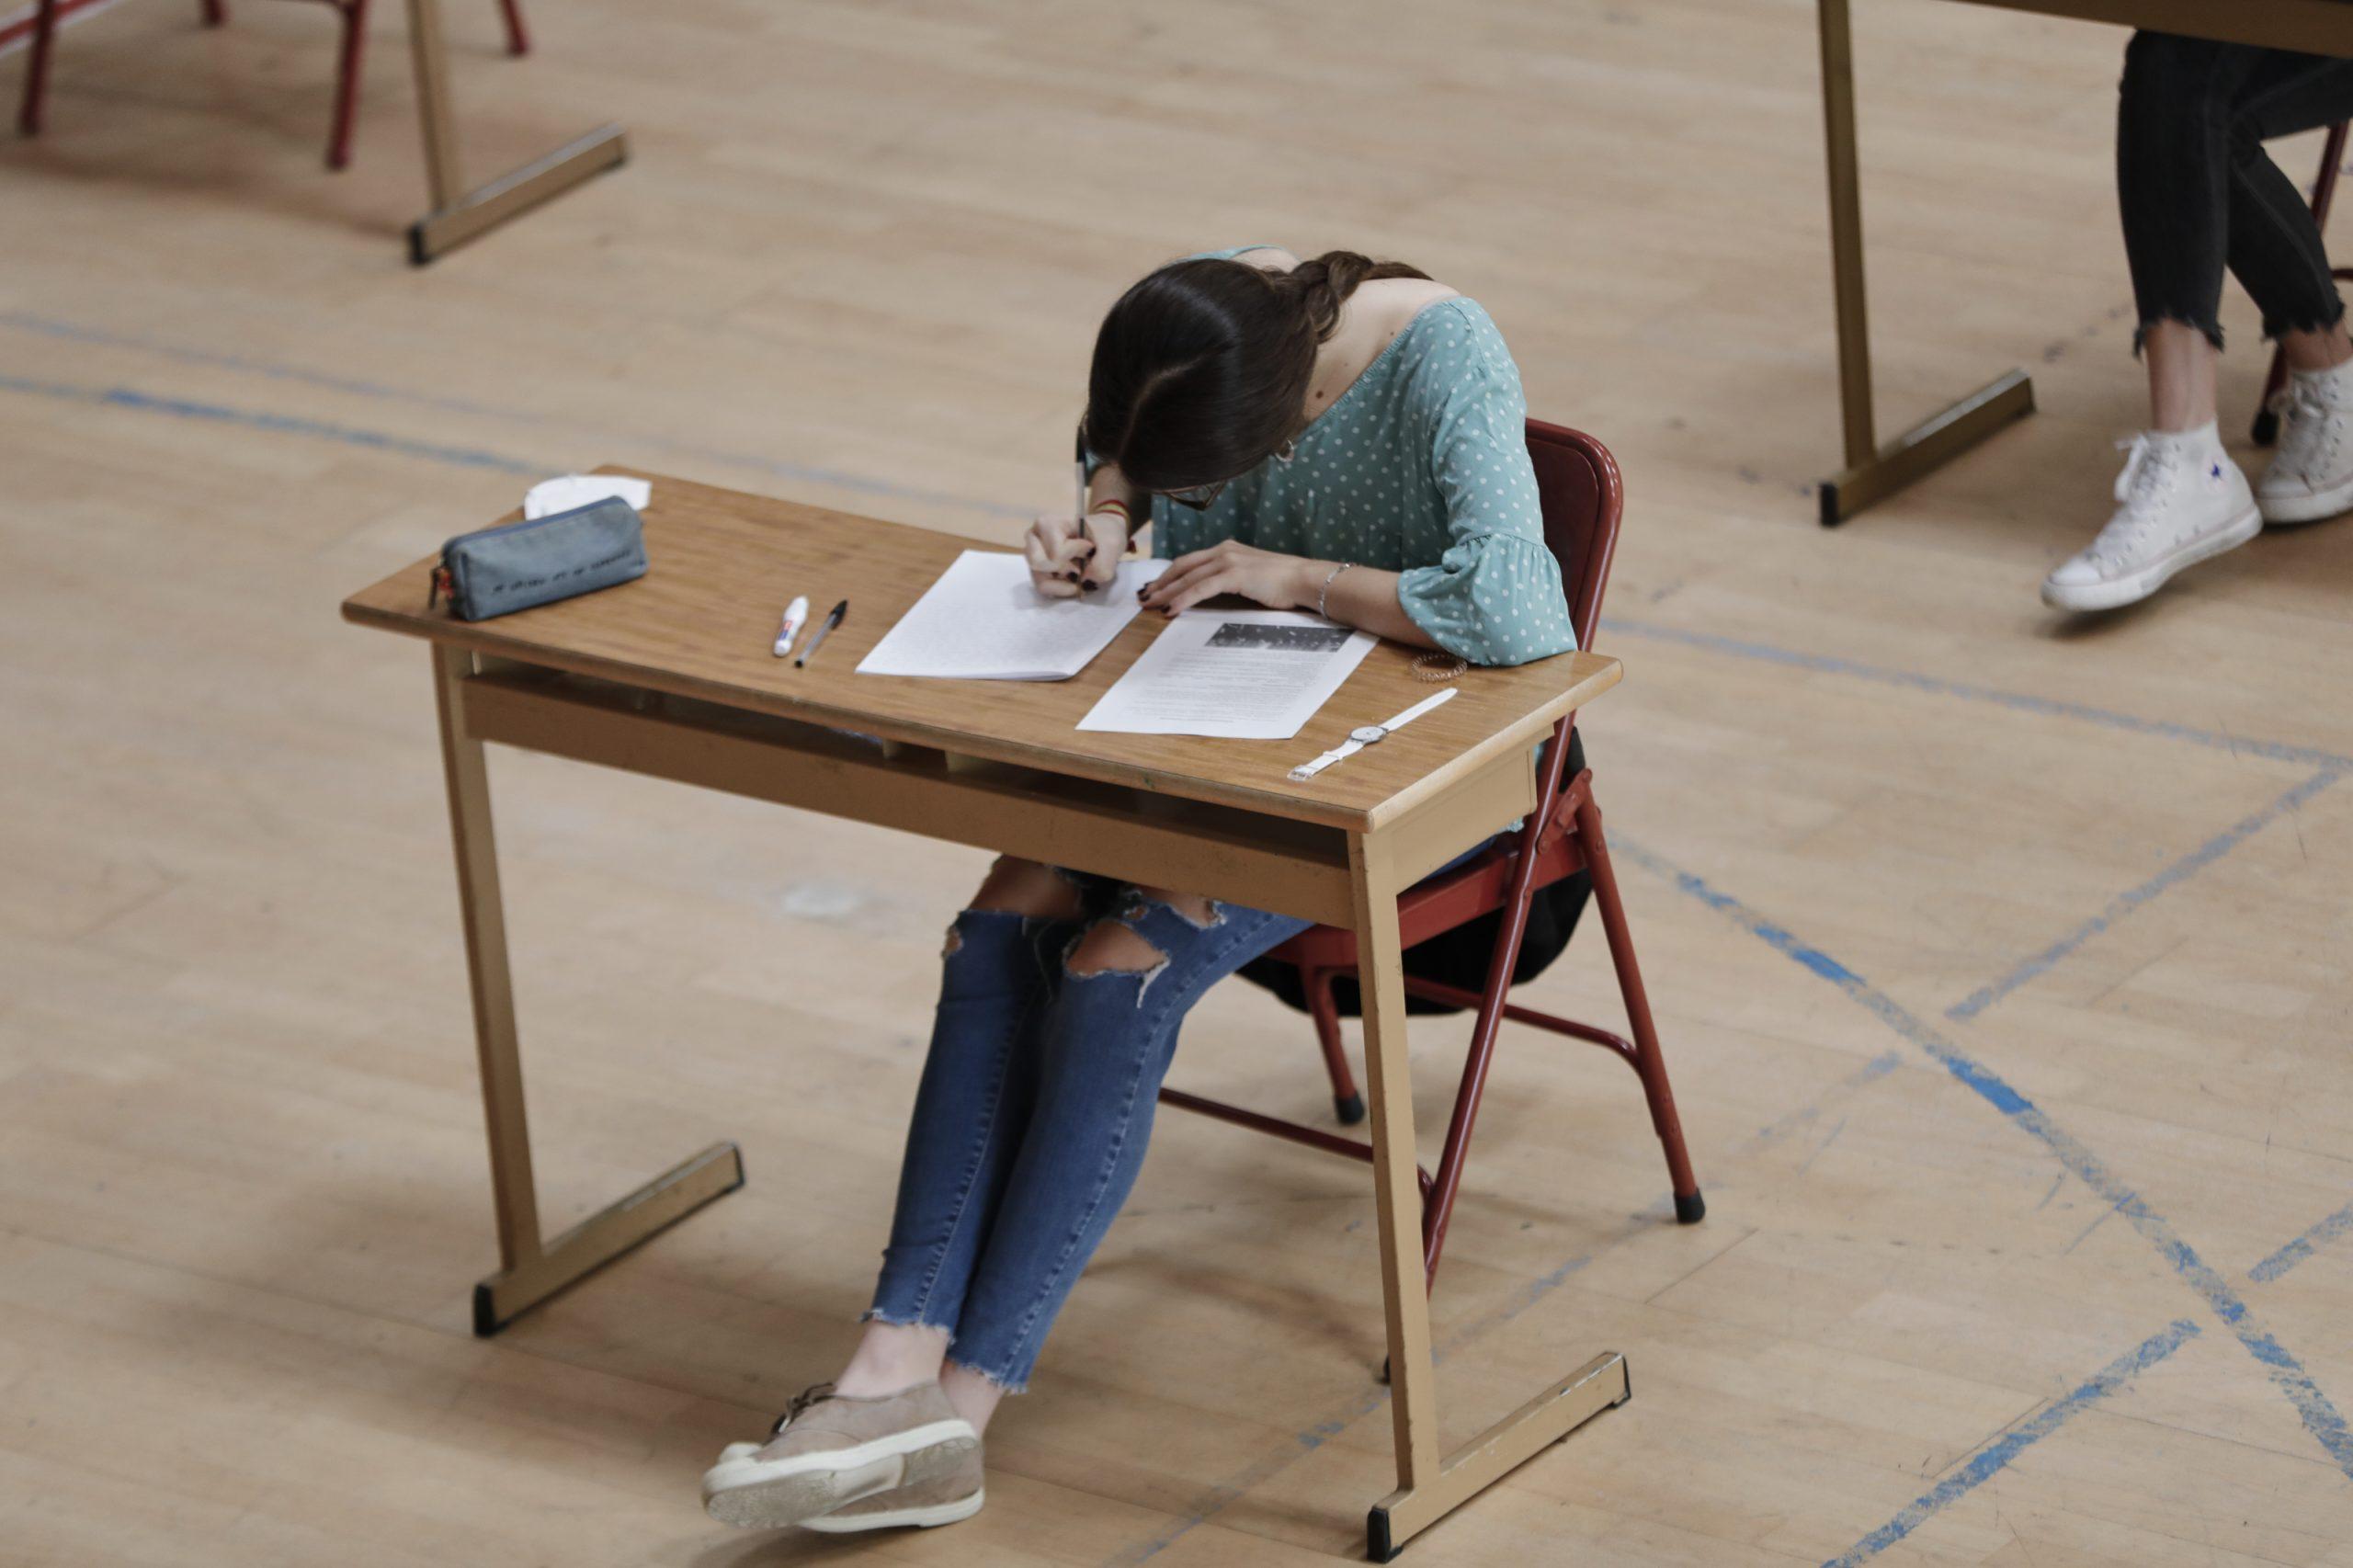 Las clases de ESO, Bachillerato y FP serán online hasta el lunes 25 de enero